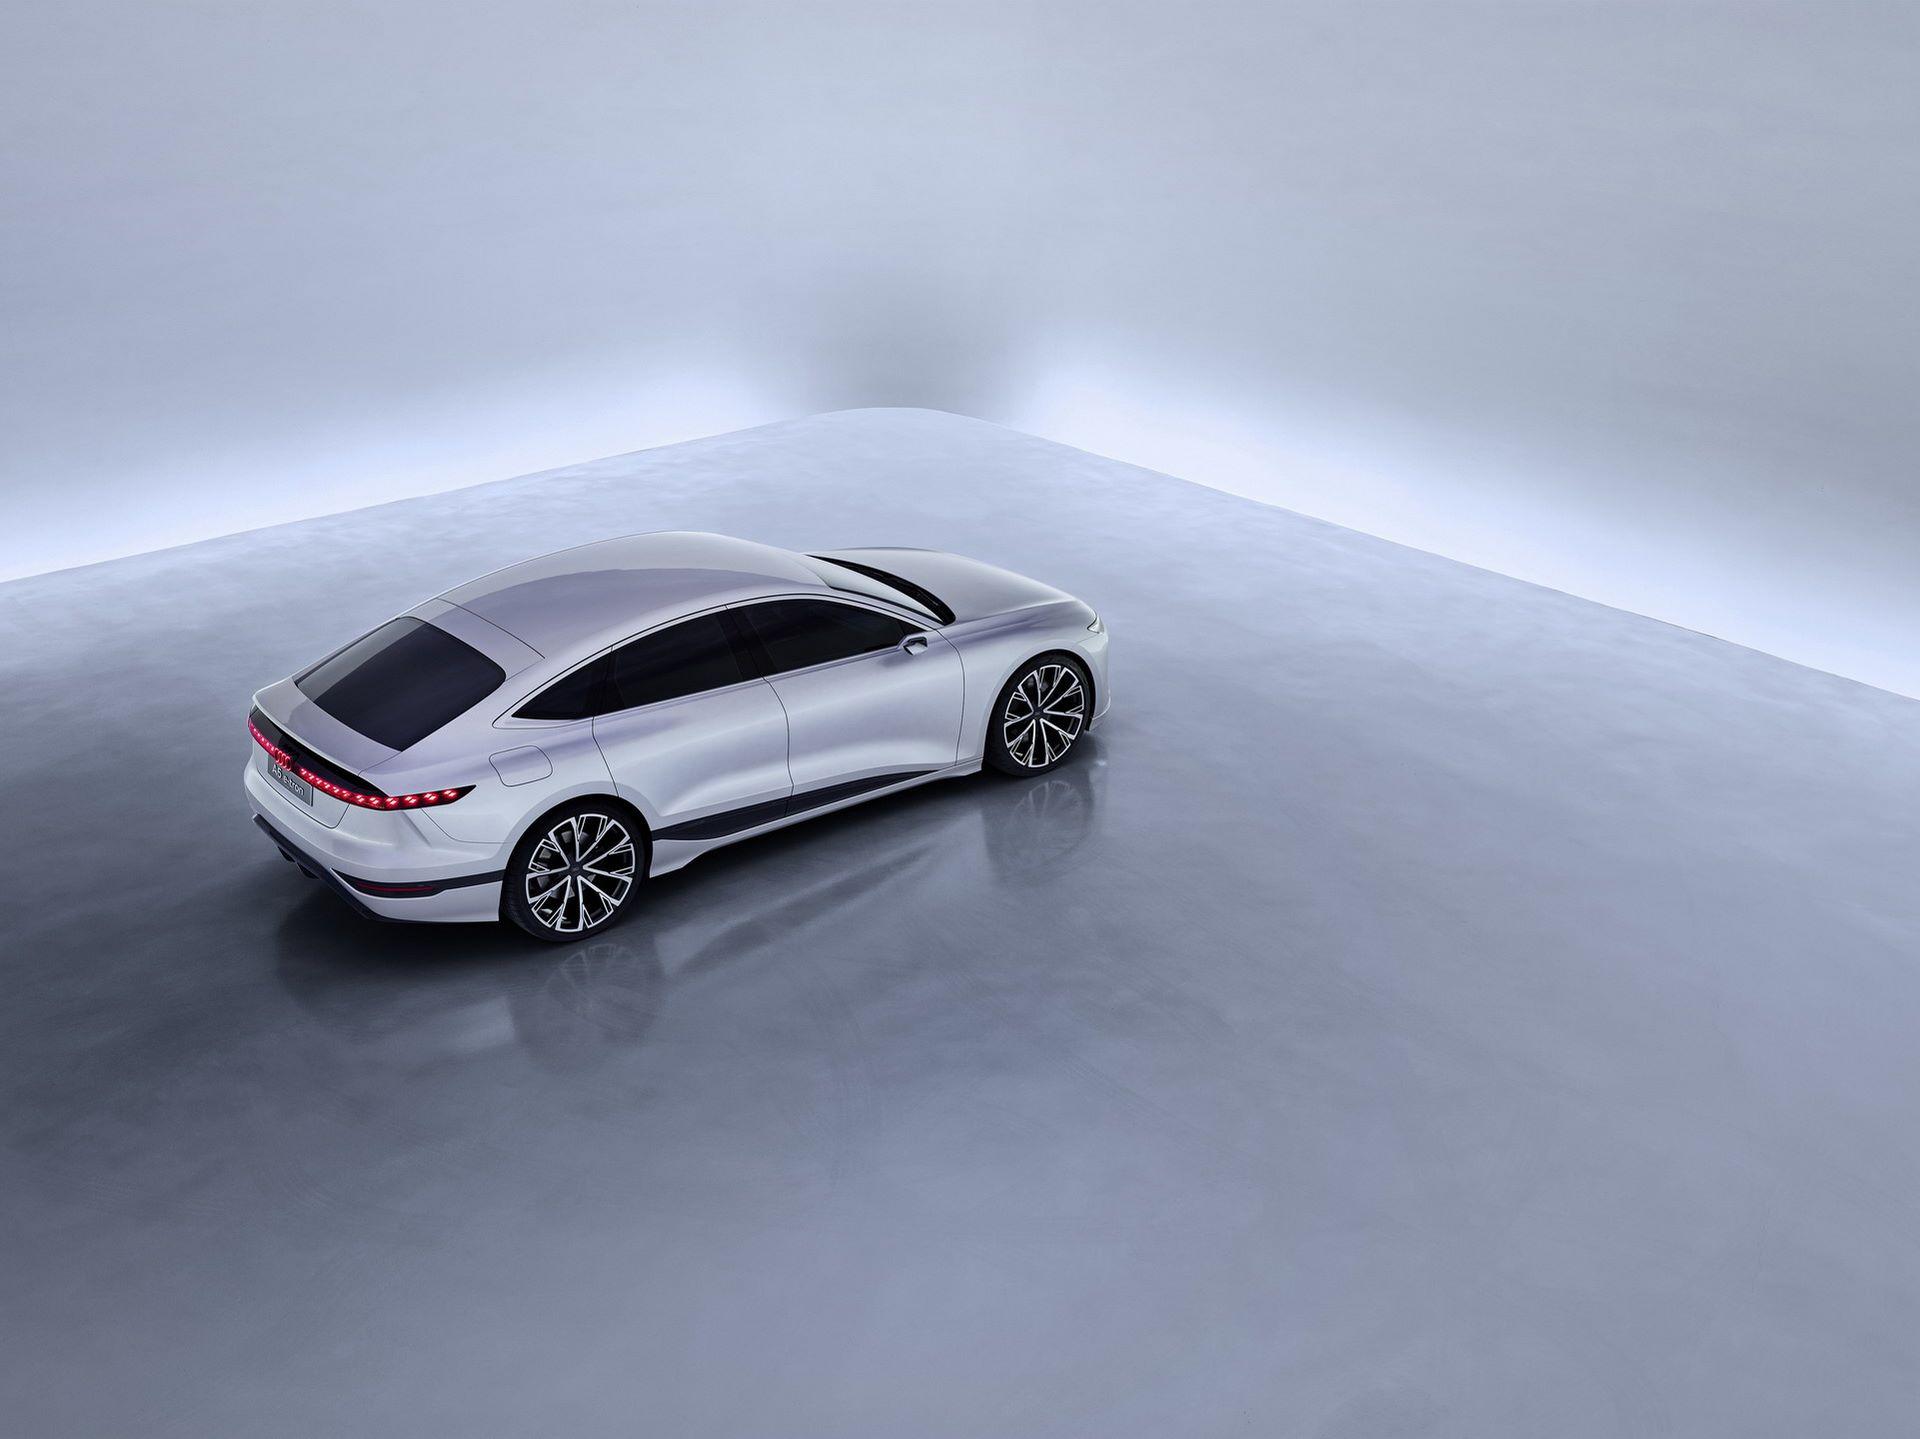 Audi-A6-e-tron-concept-18